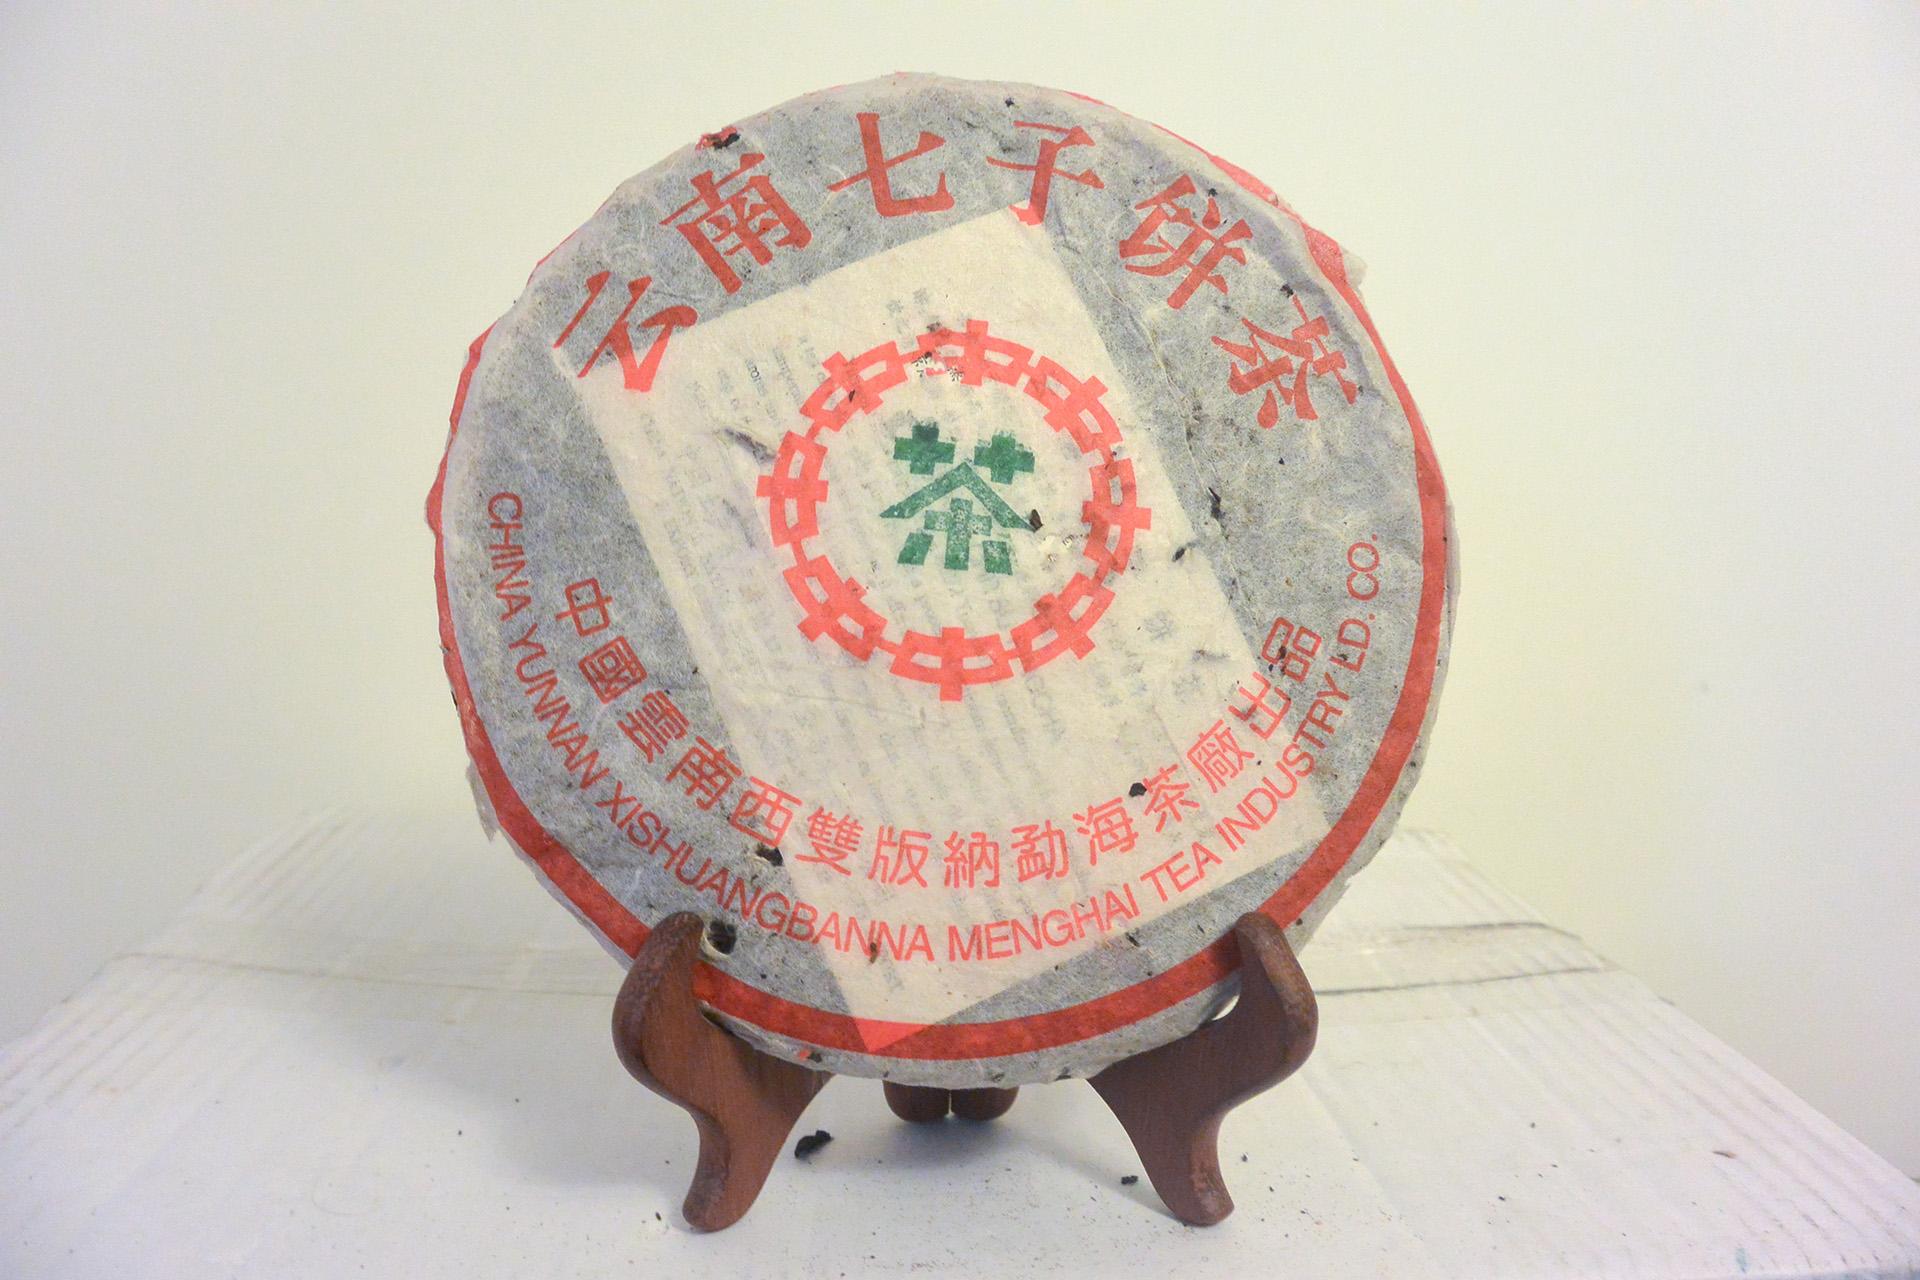 2001年 簡云 7542生餅